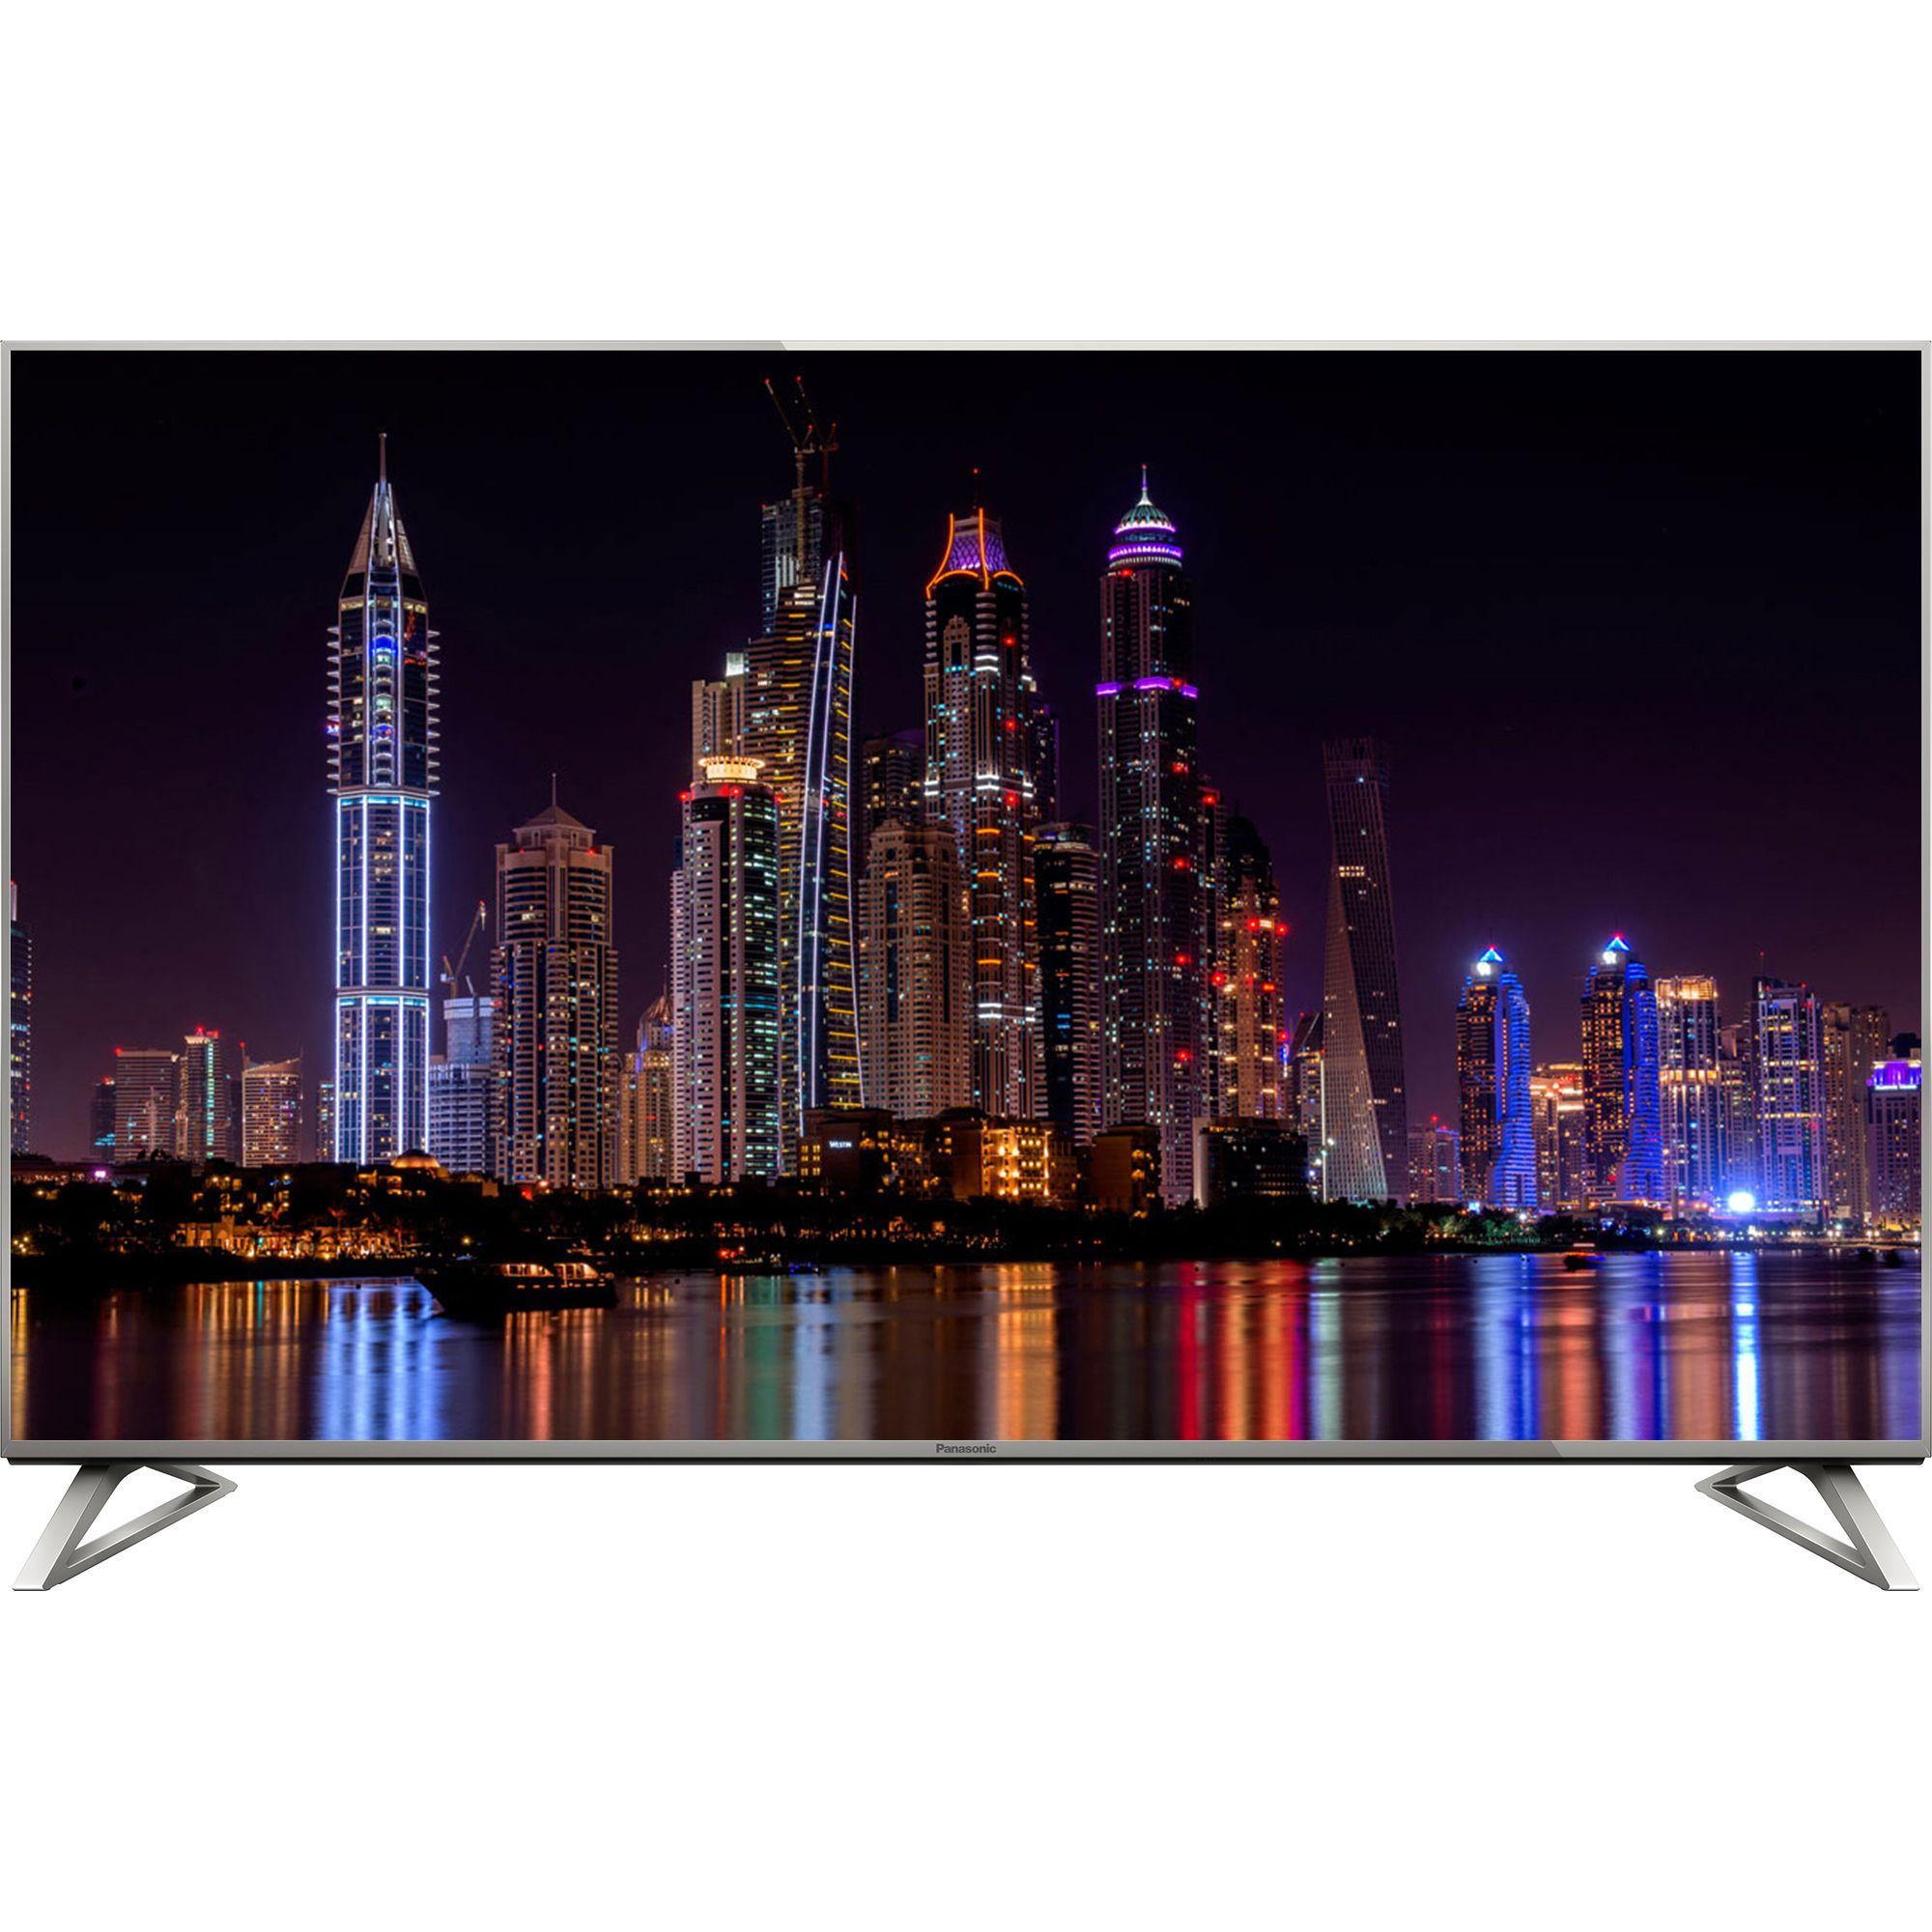 Televizor LED Panasonic VIERA Smart TV TX-50DX700E 50 Ultra HD 4K Argintiu